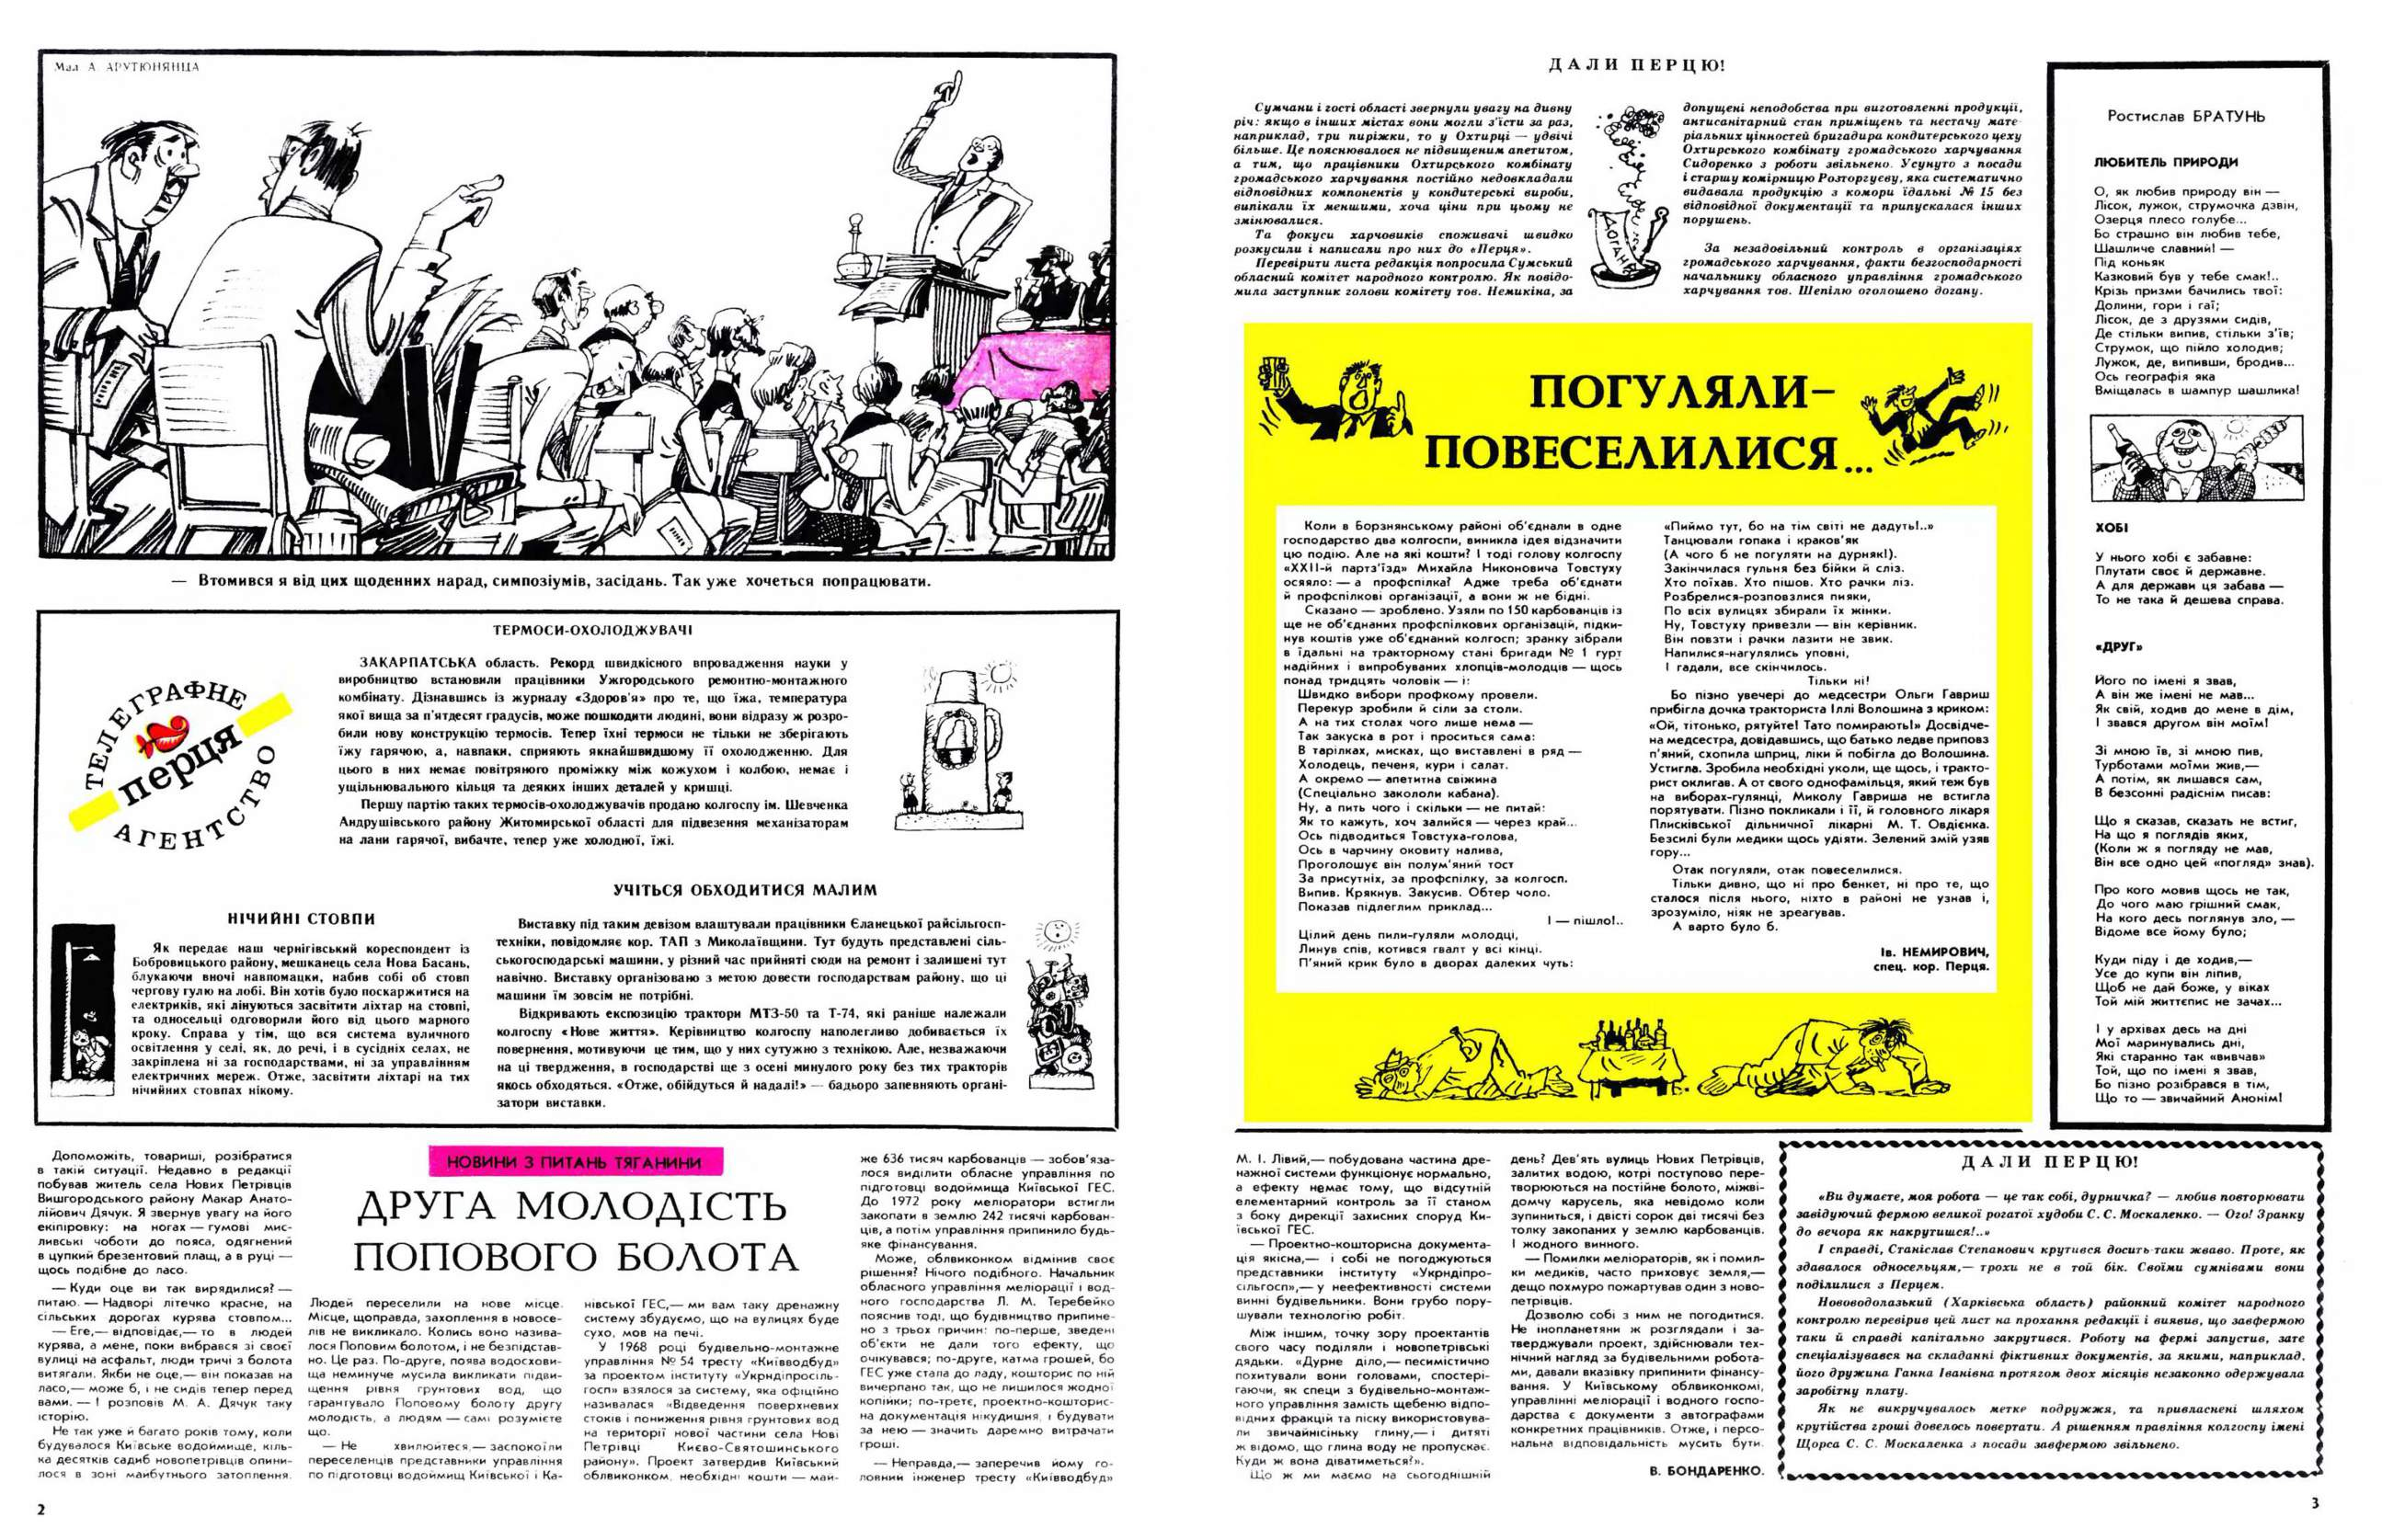 Журнал перець 1981 №13